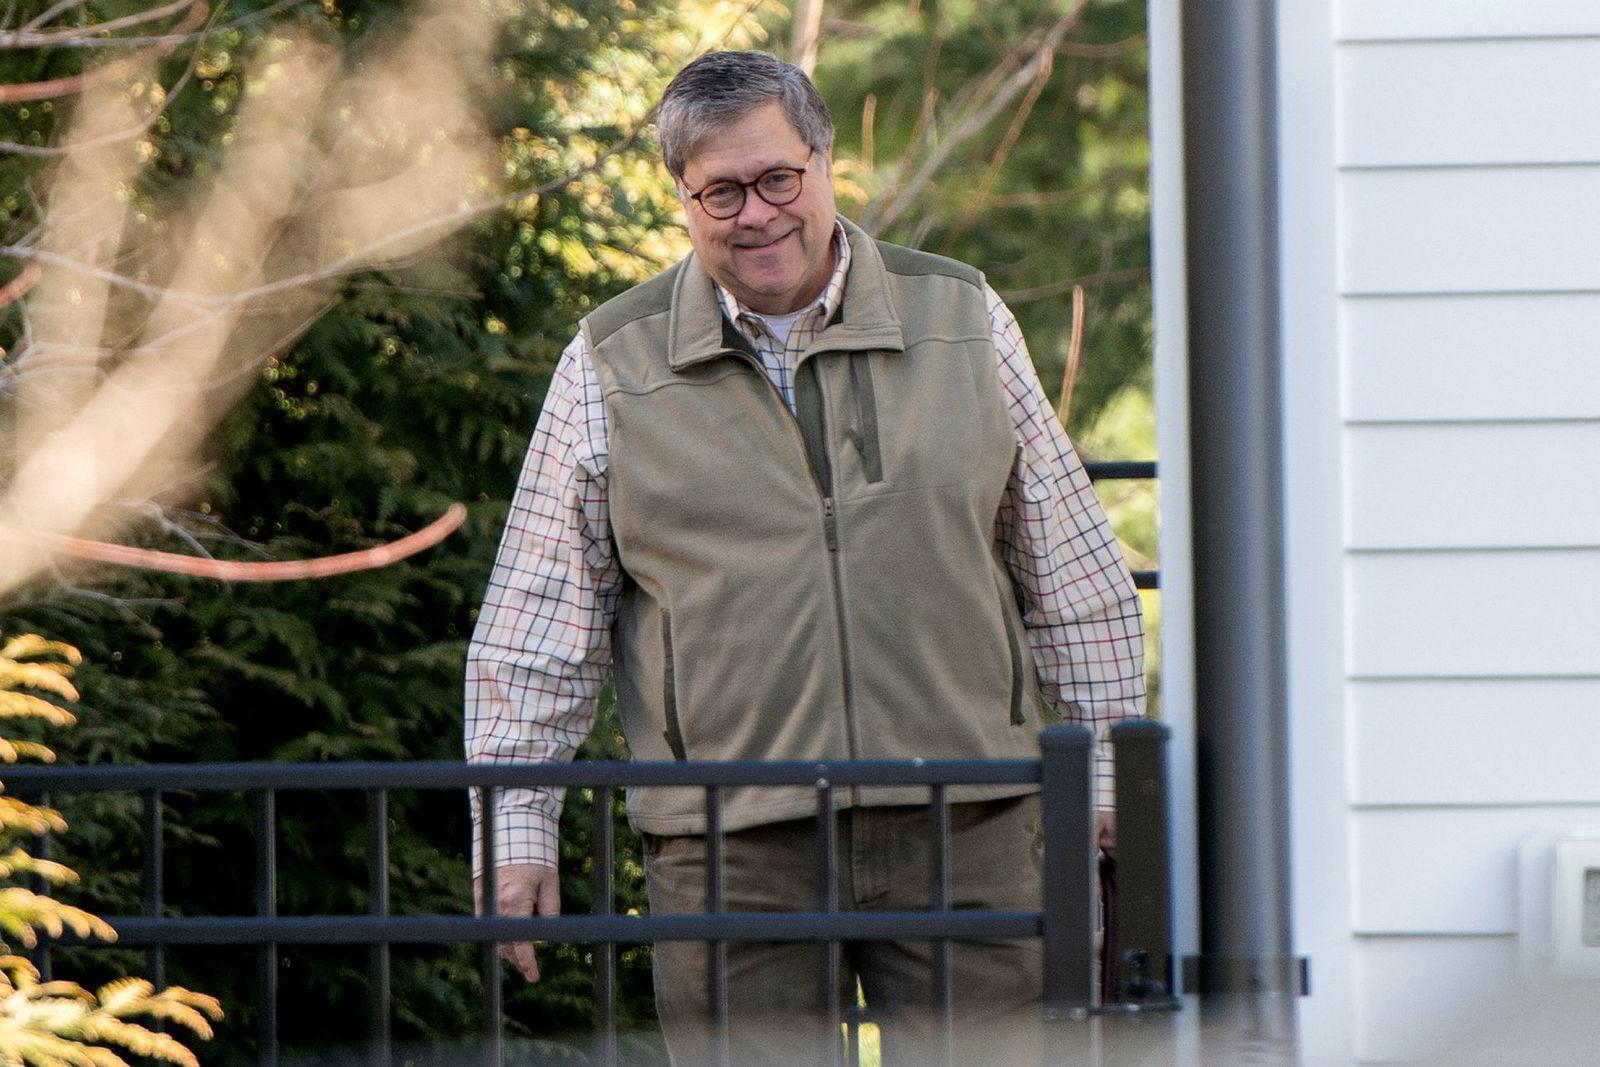 Justisminister William Barr på vei til kontoret søndag morgen. Søndag kveld legger han frem hovedpunktene i Mueller-rapporten til lederne i Kongressen.